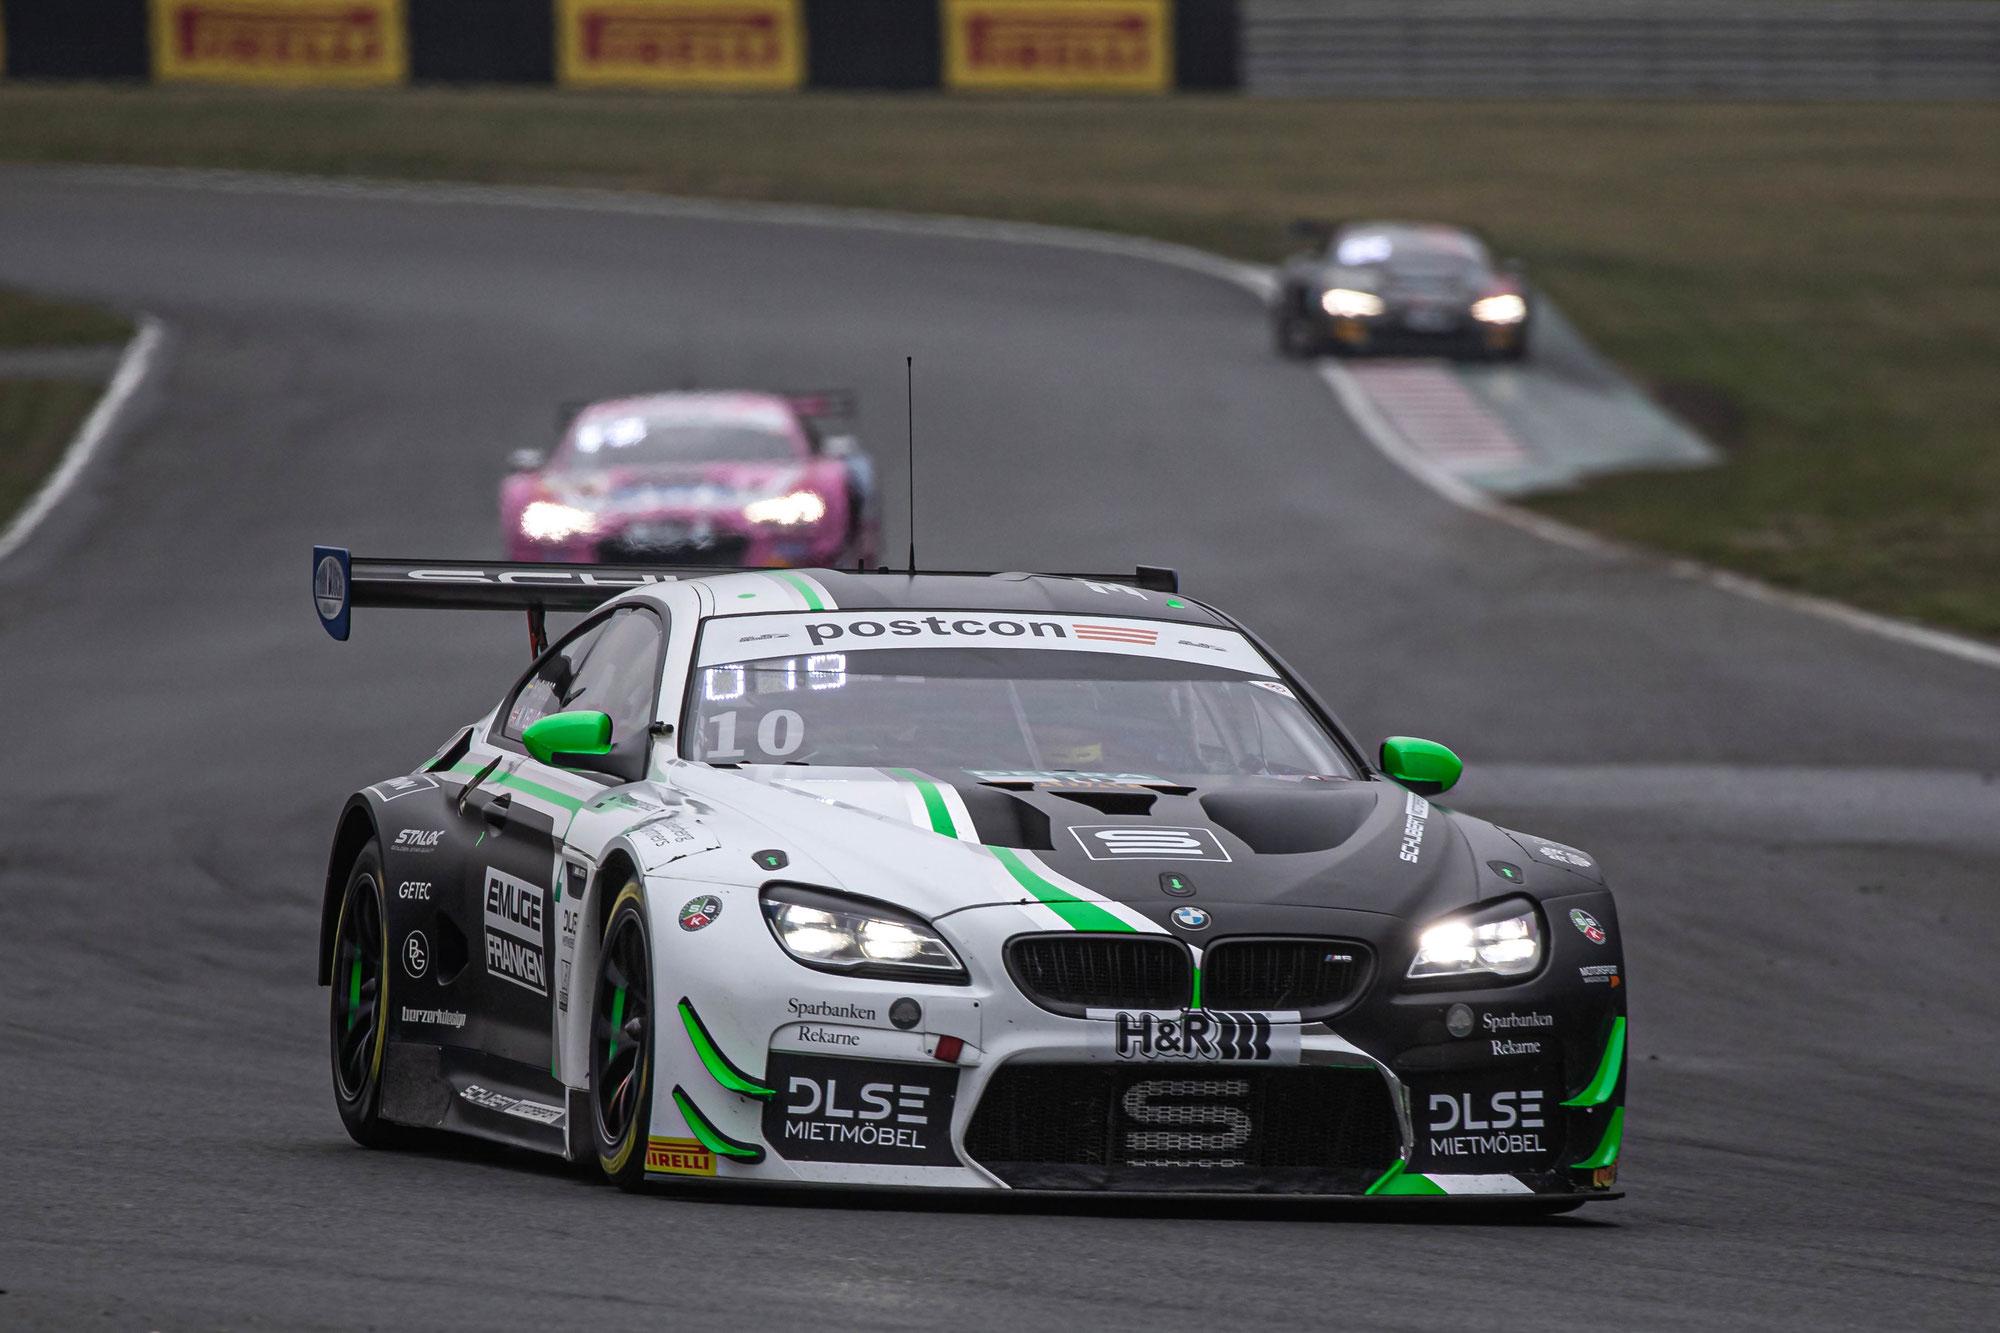 Schubert Motorsport setzt auf schlagkräftiges BMW-Werksfahrer-Duo: Nick Yelloly und Jesse Krohn pilotieren BMW M6 GT3 im ADAC GT Masters